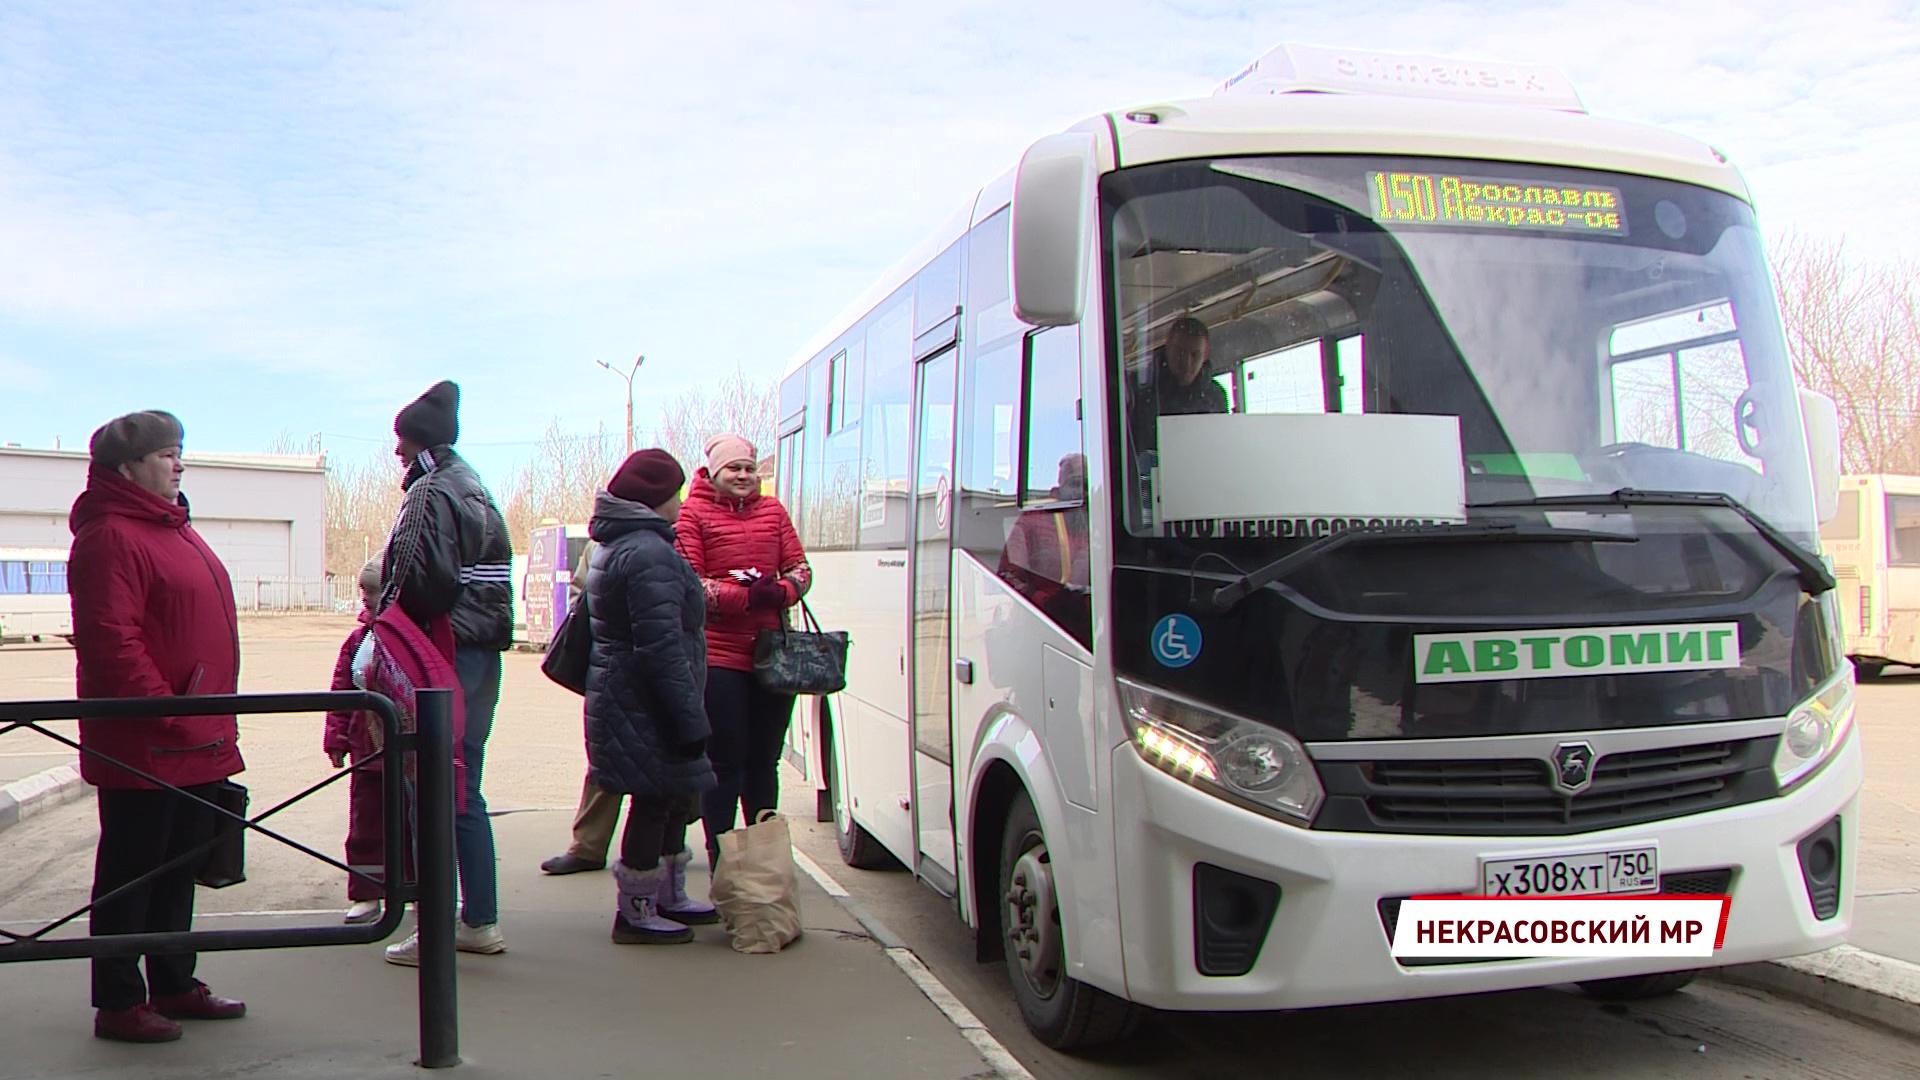 Пассажиры автобуса Ярославль – Некрасовское пожаловались на переполненный транспорт